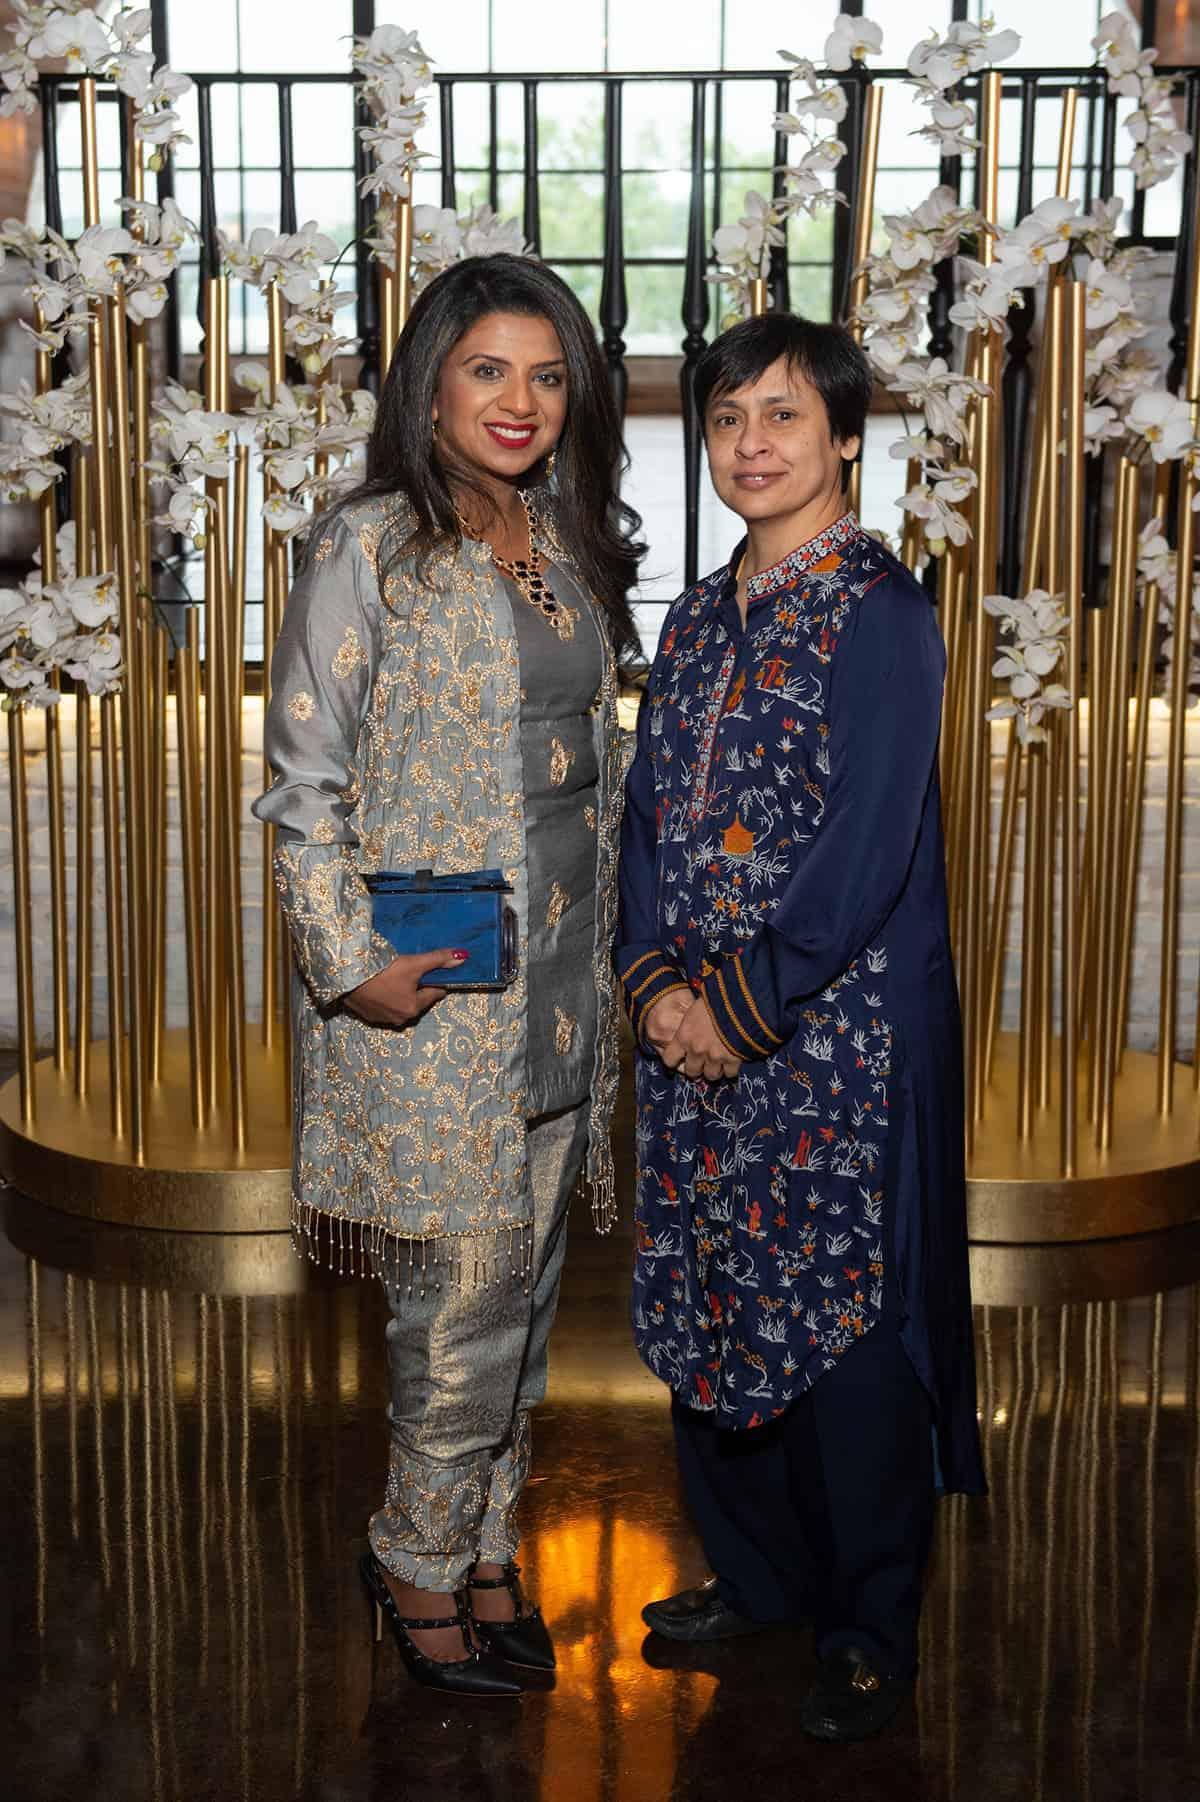 Farida Abjani and Rosemin Premij